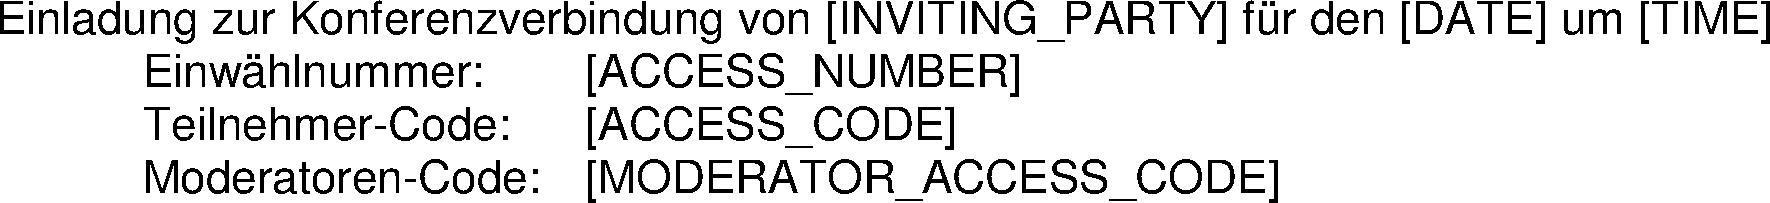 Figure DE102011014130B4_0003